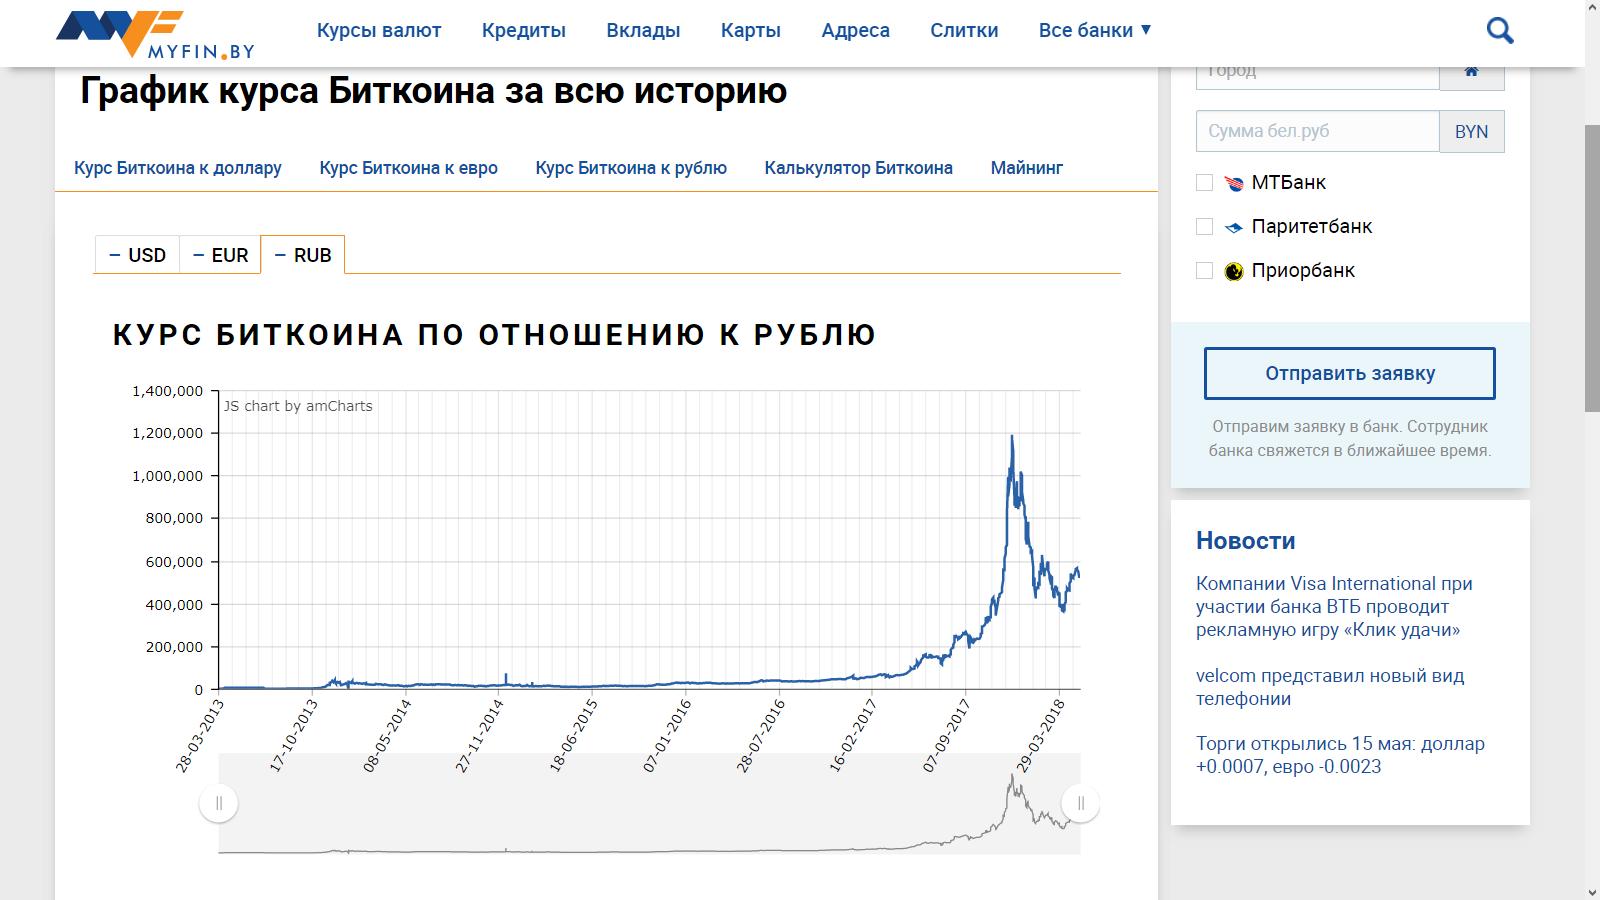 Курс биткоина в рублях за все время